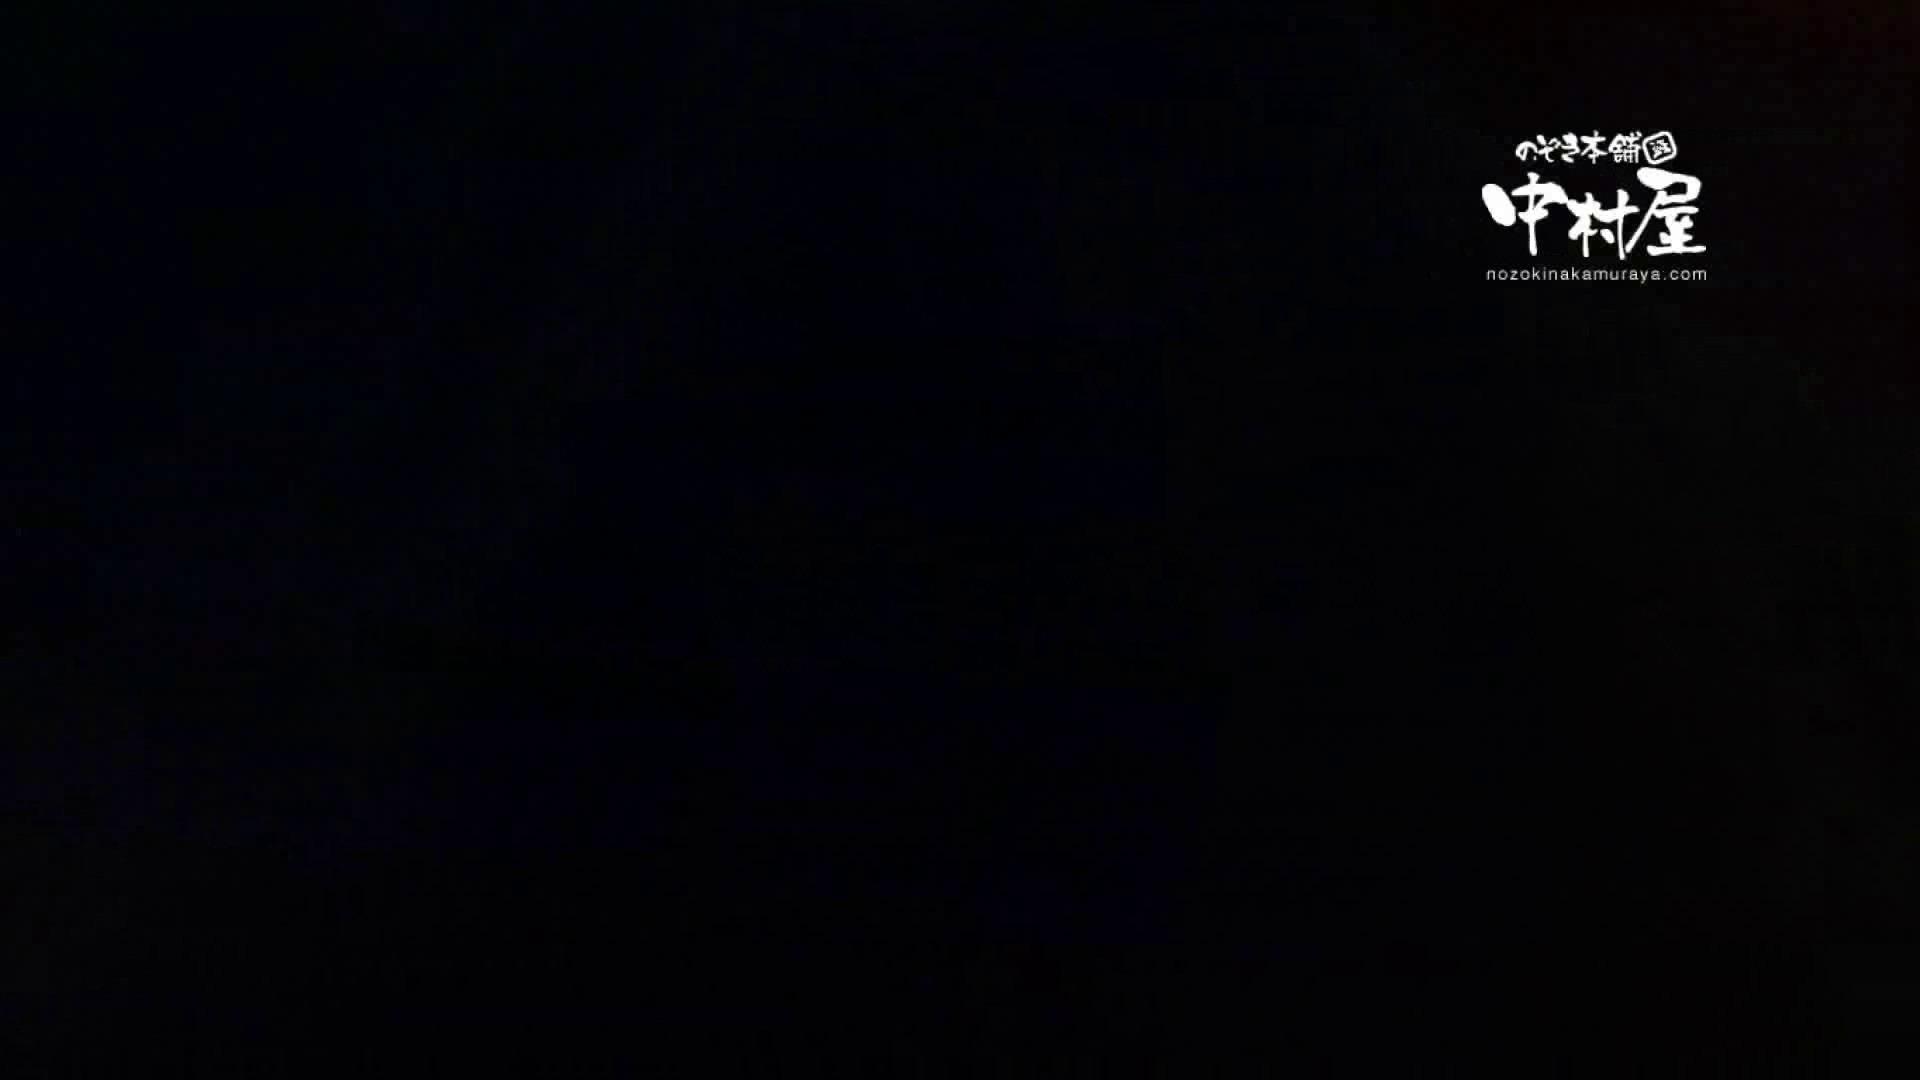 鬼畜 vol.09 無慈悲!中出し爆乳! 前編 OLの実態 | 中出し  19pic 17